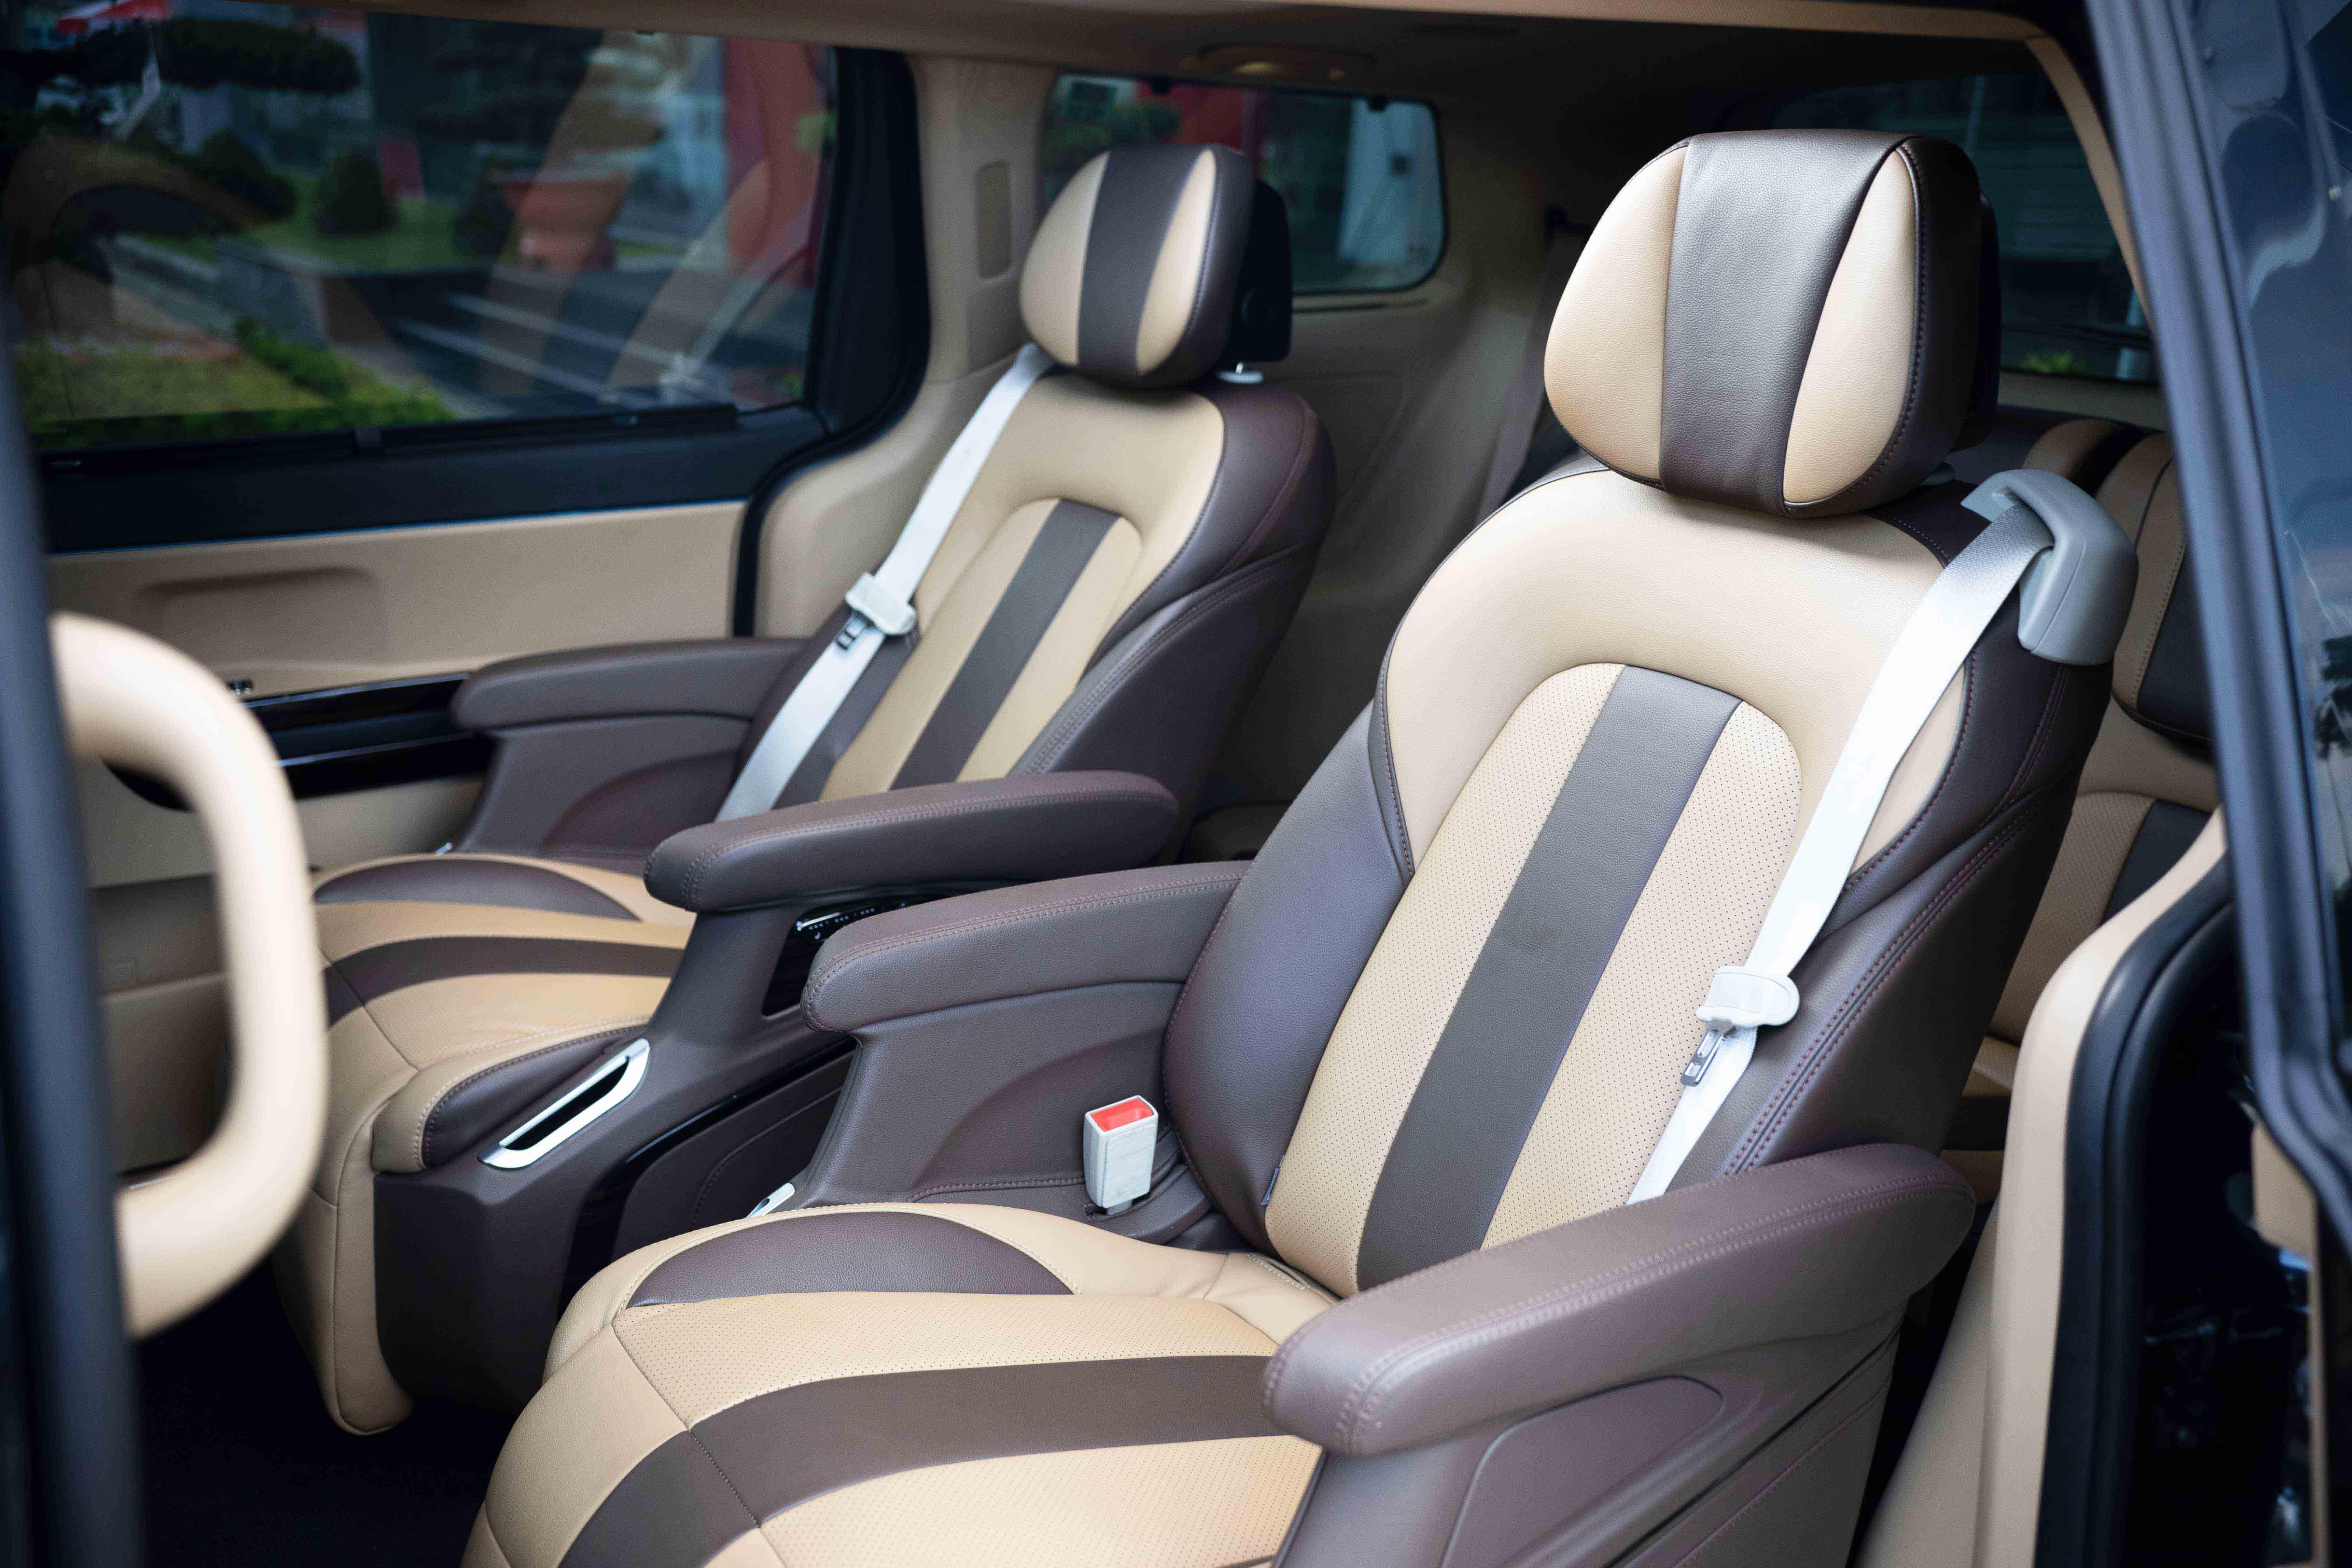 Thiết kế kiểu mới cho ghế VIP